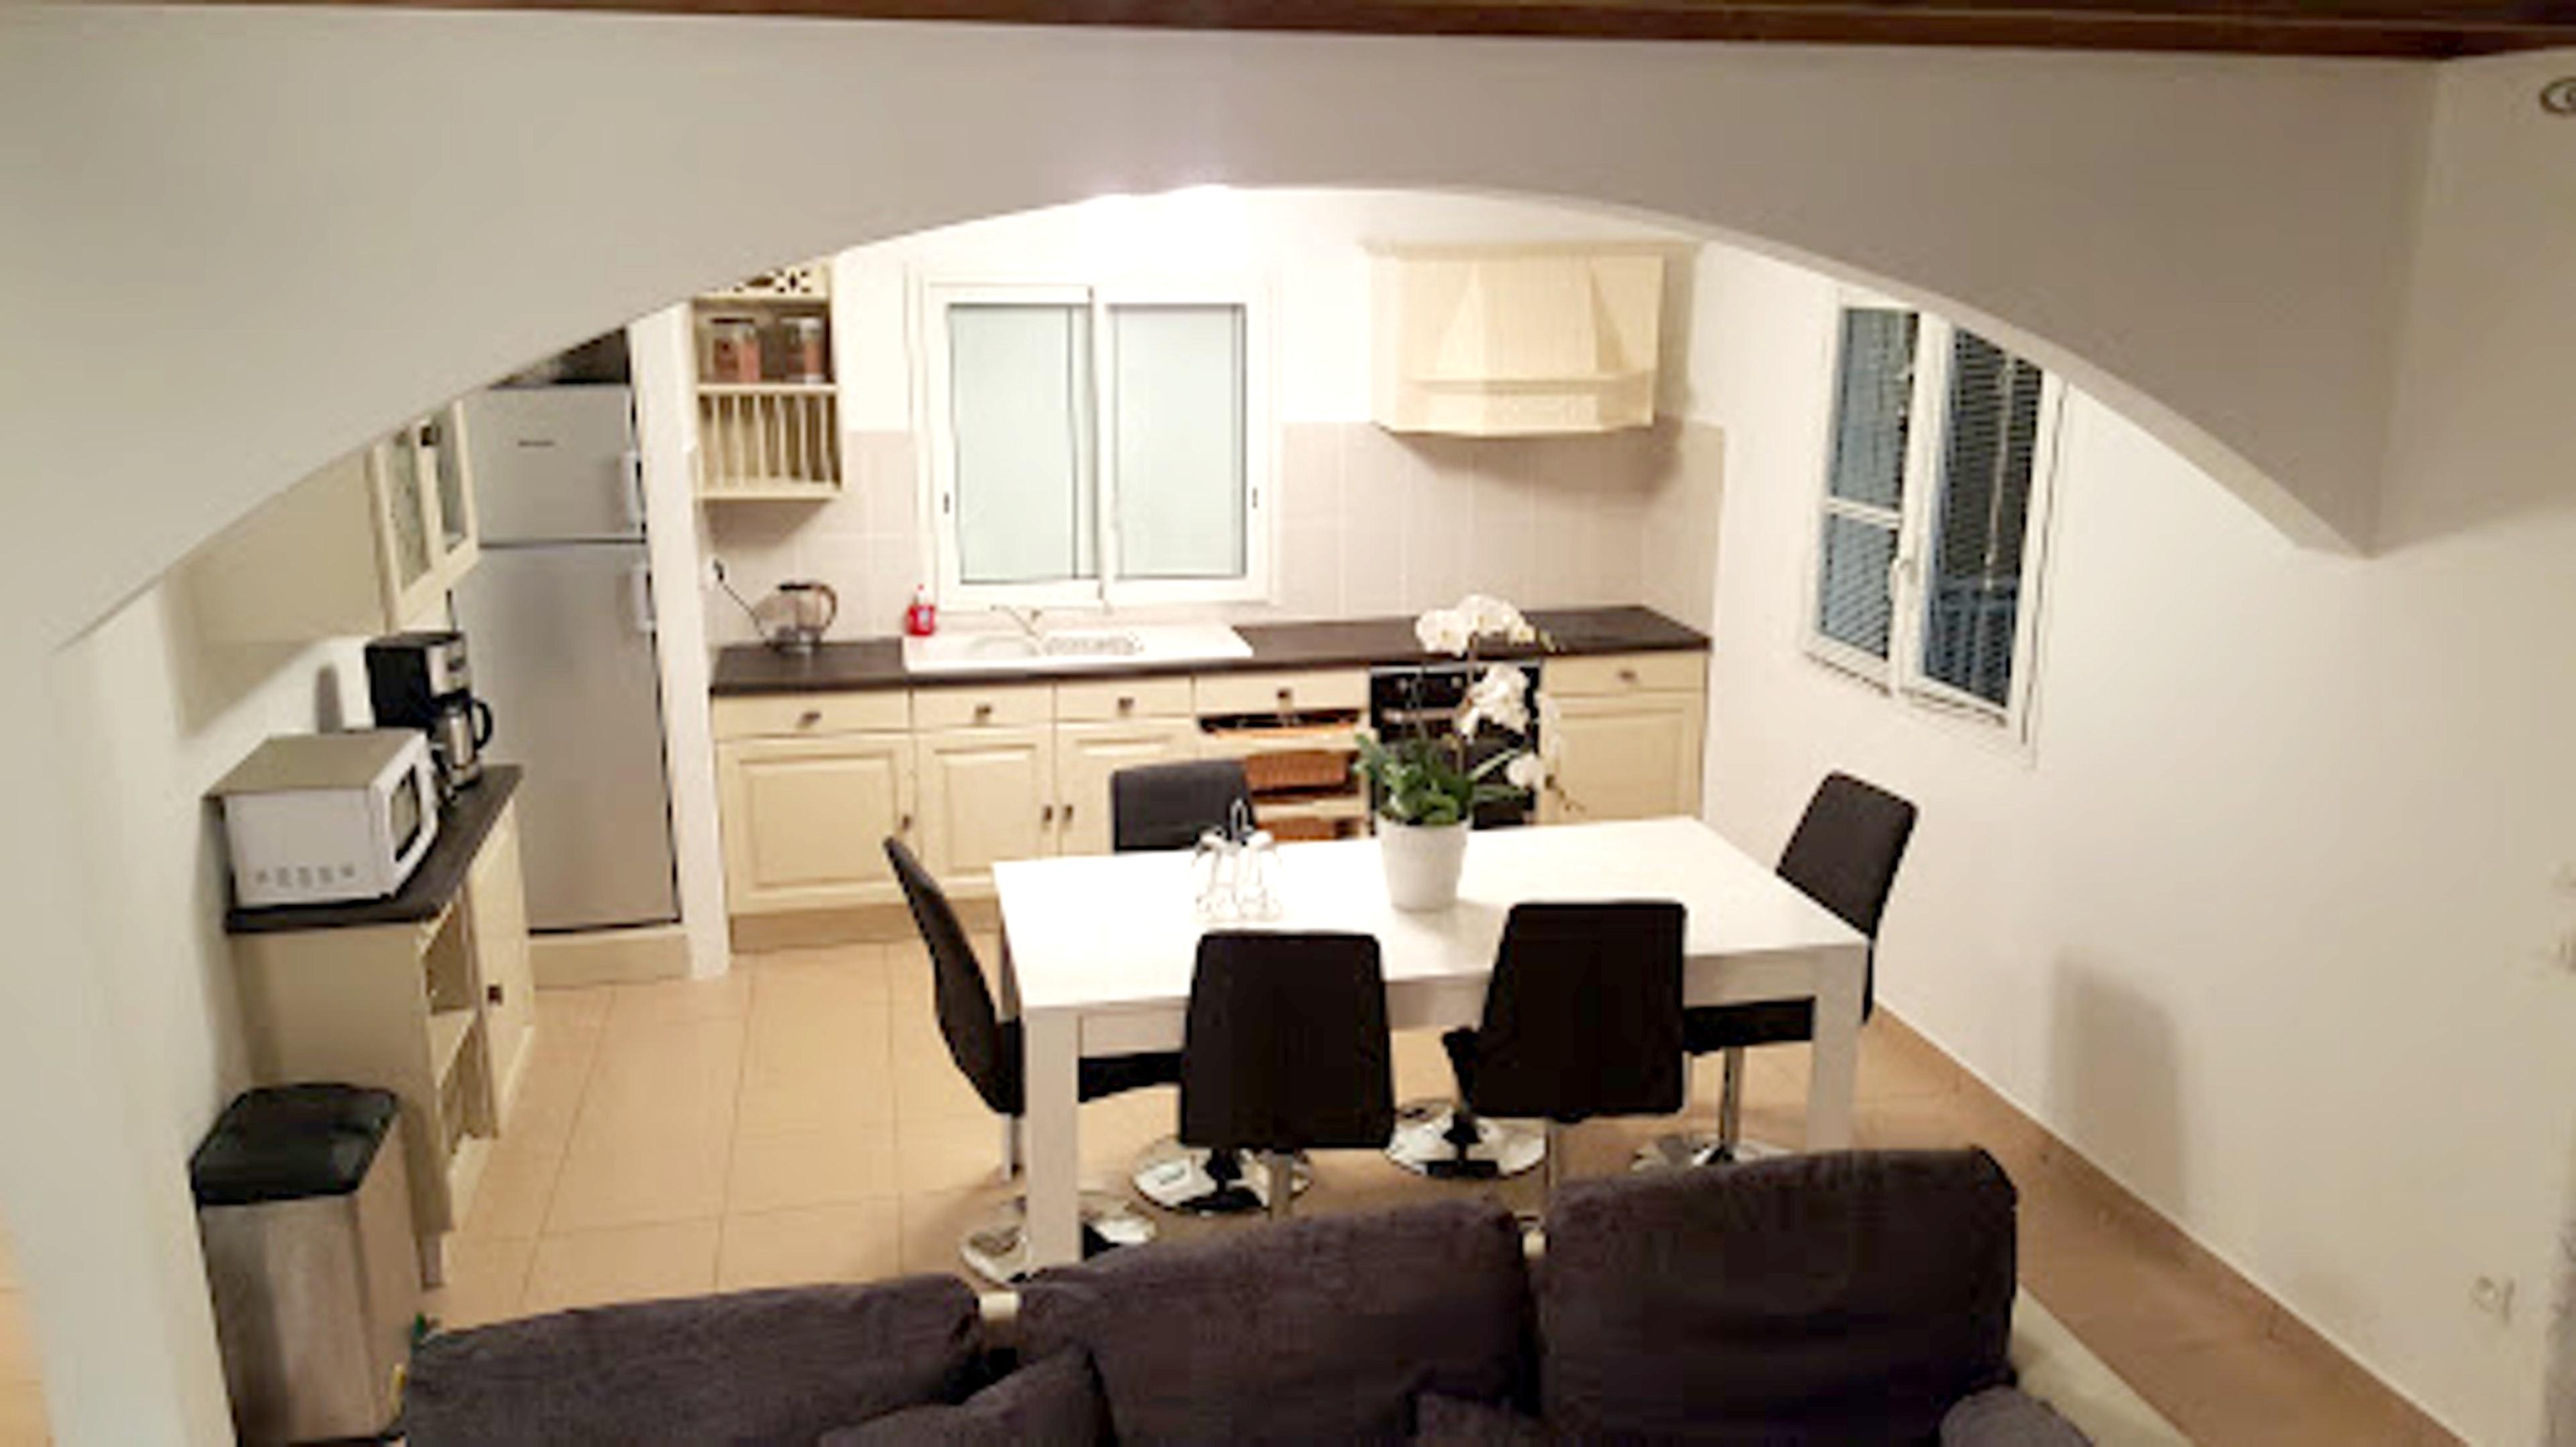 Villa mit 8 Schlafzimmern in Saint-Benoît mi Villa in Afrika